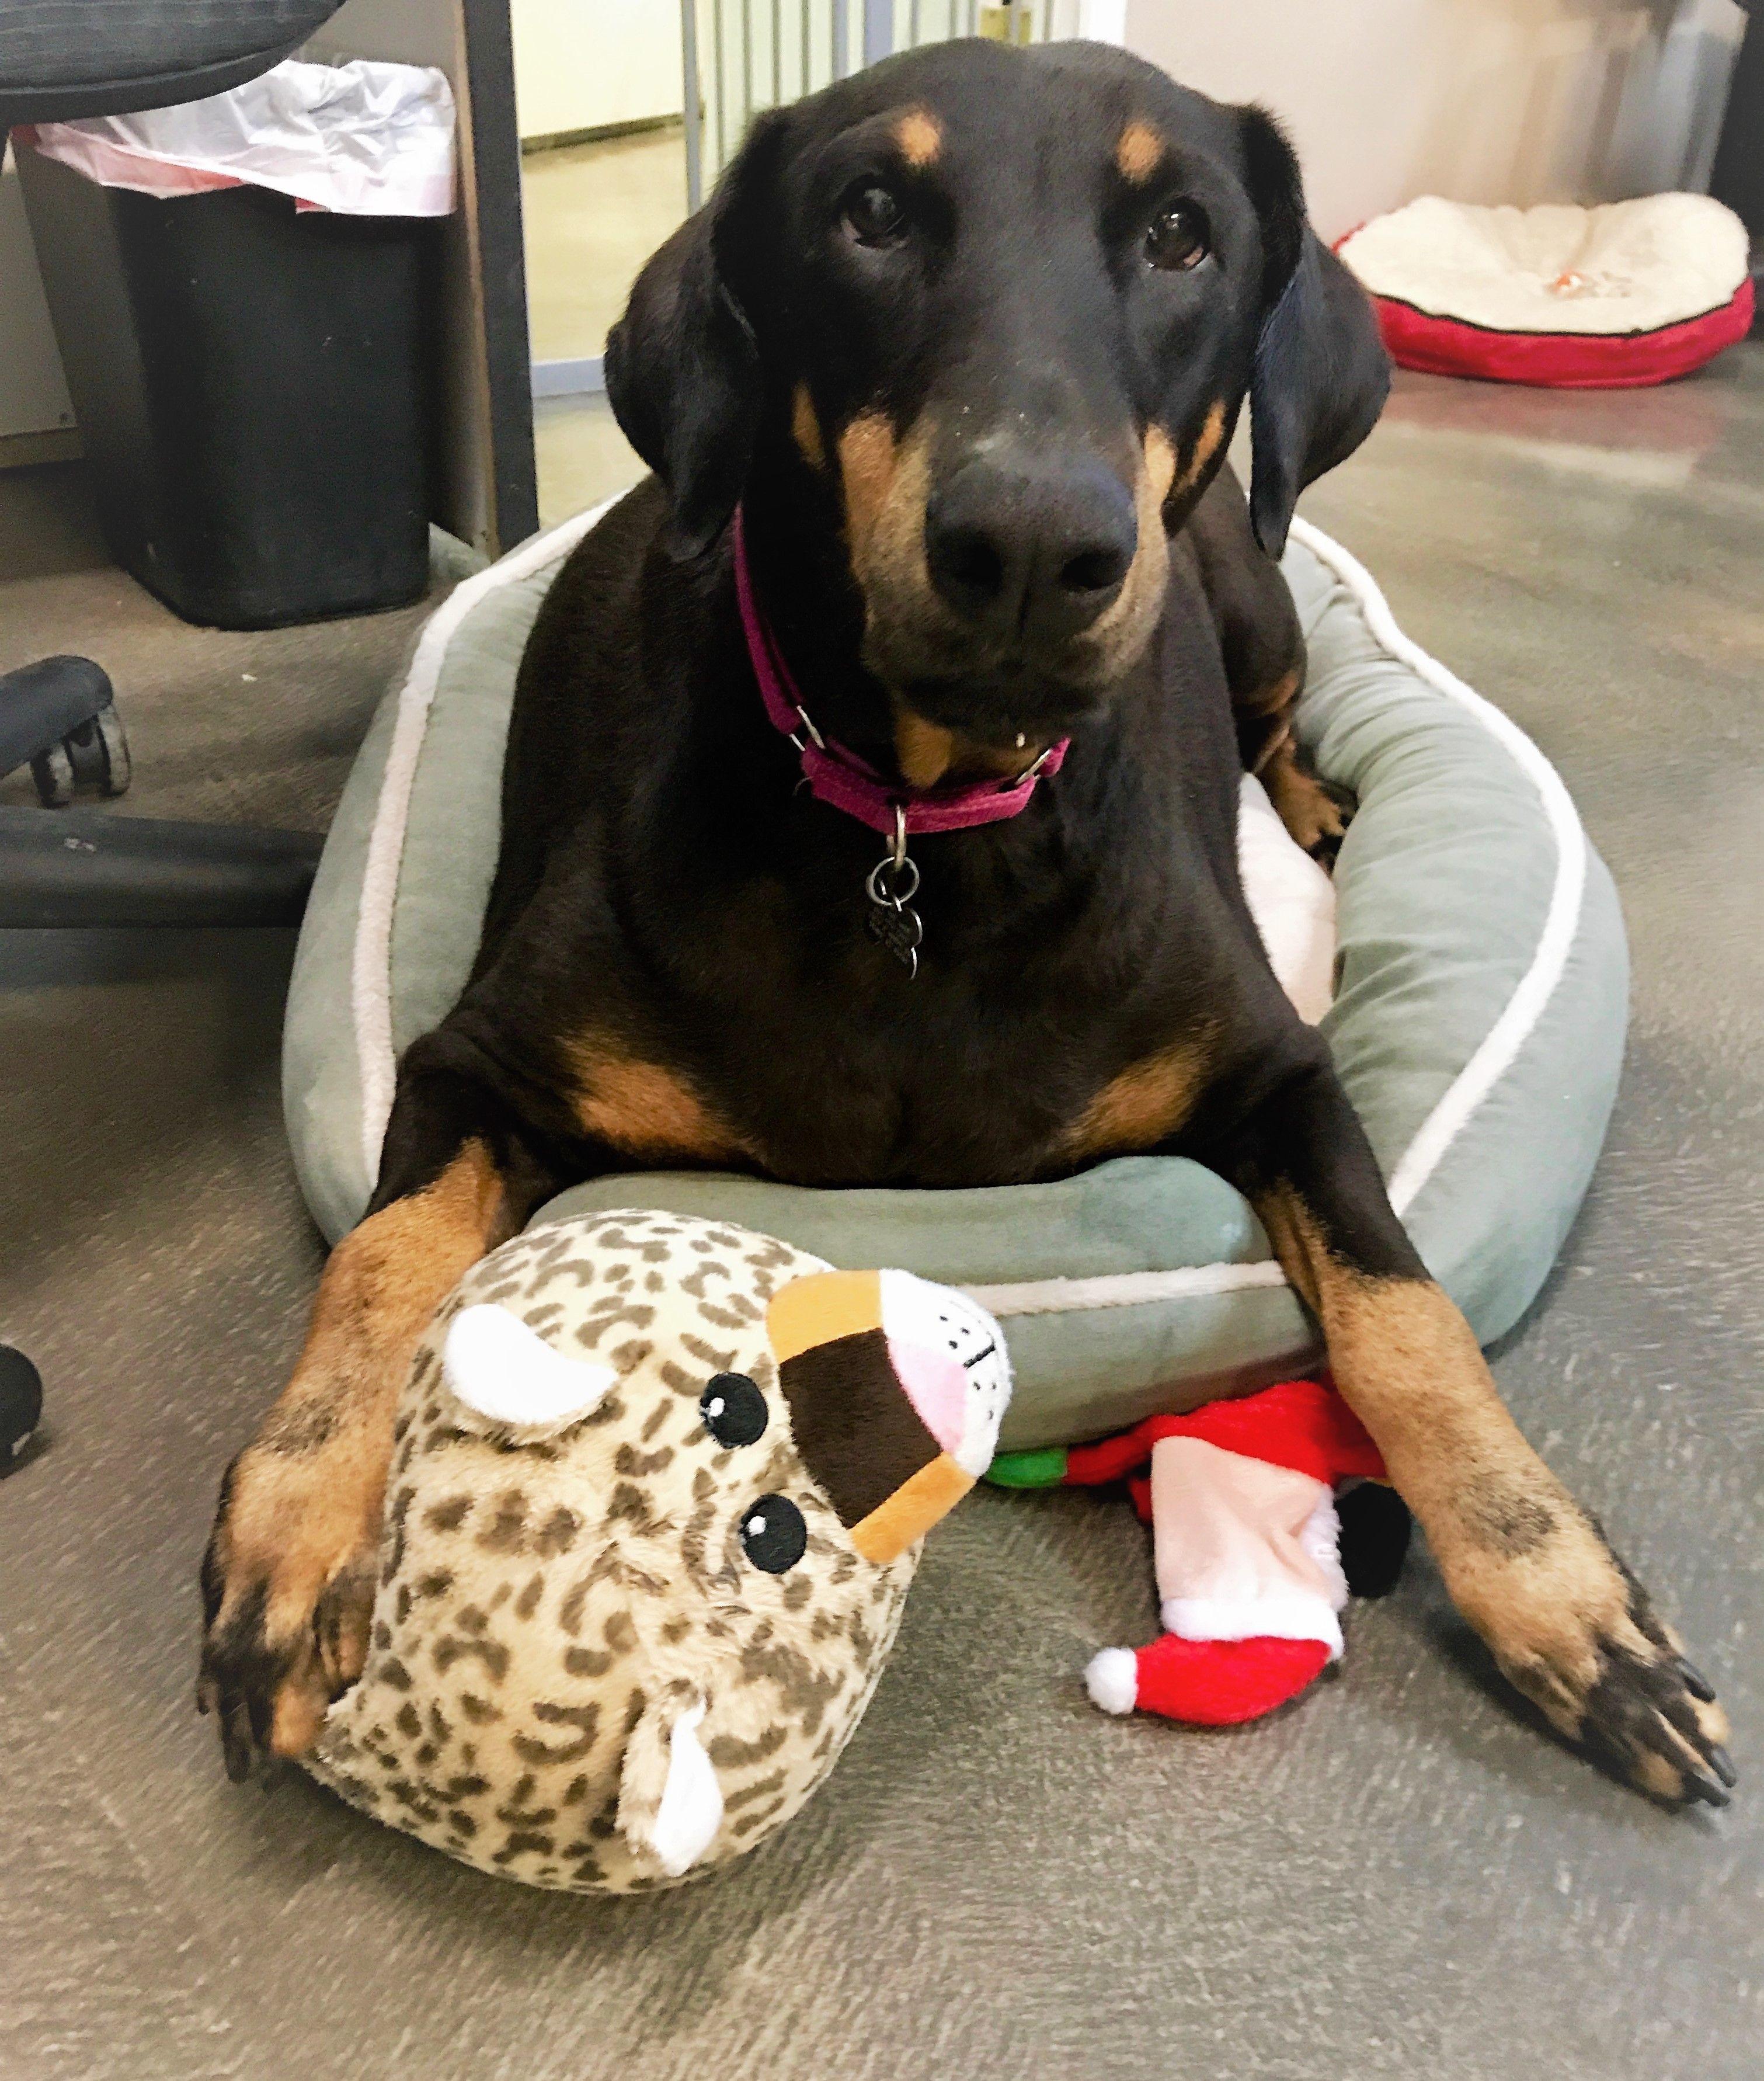 Doberman Pinscher dog for Adoption in Tempe, AZ. ADN